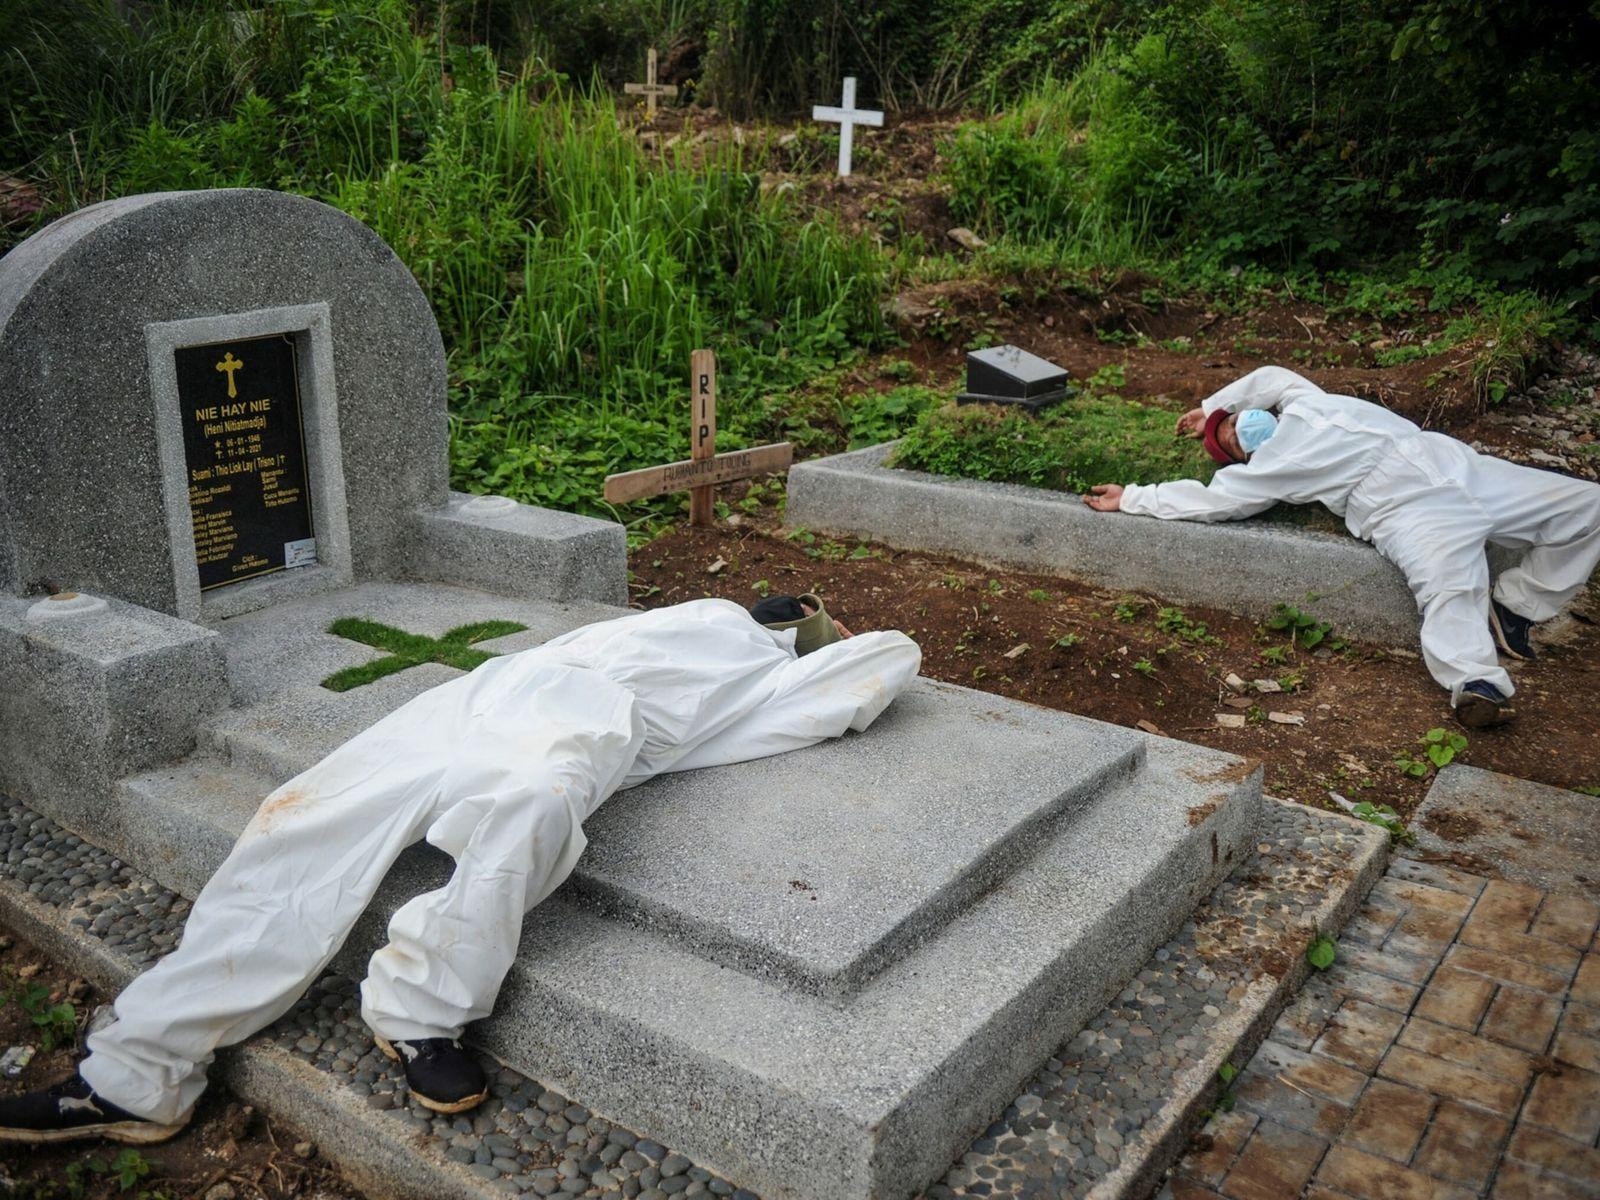 Trabajadores descansan tras enterrar a una víctima de la COVID-19